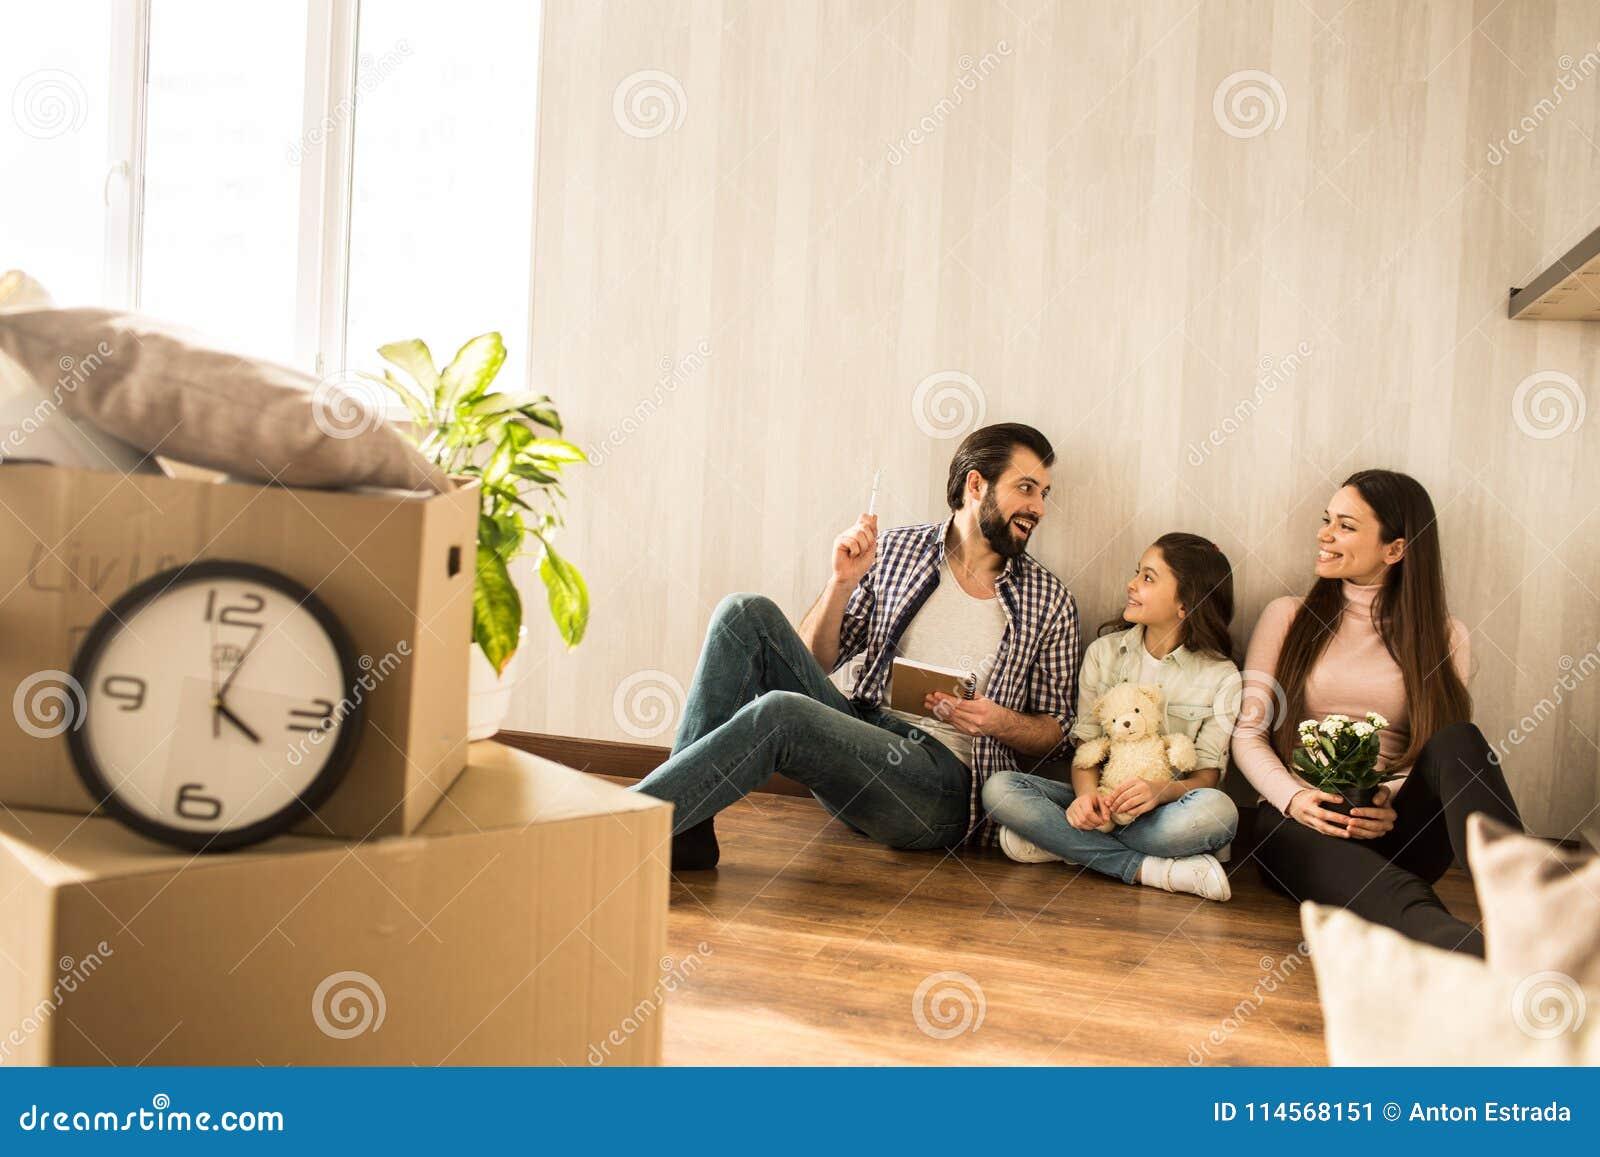 Junge Familie sitzt zusammen auf dem Boden im Wohnzimmer Sie haben in diese Wohnung gerade sich bewegen Mädchen sind